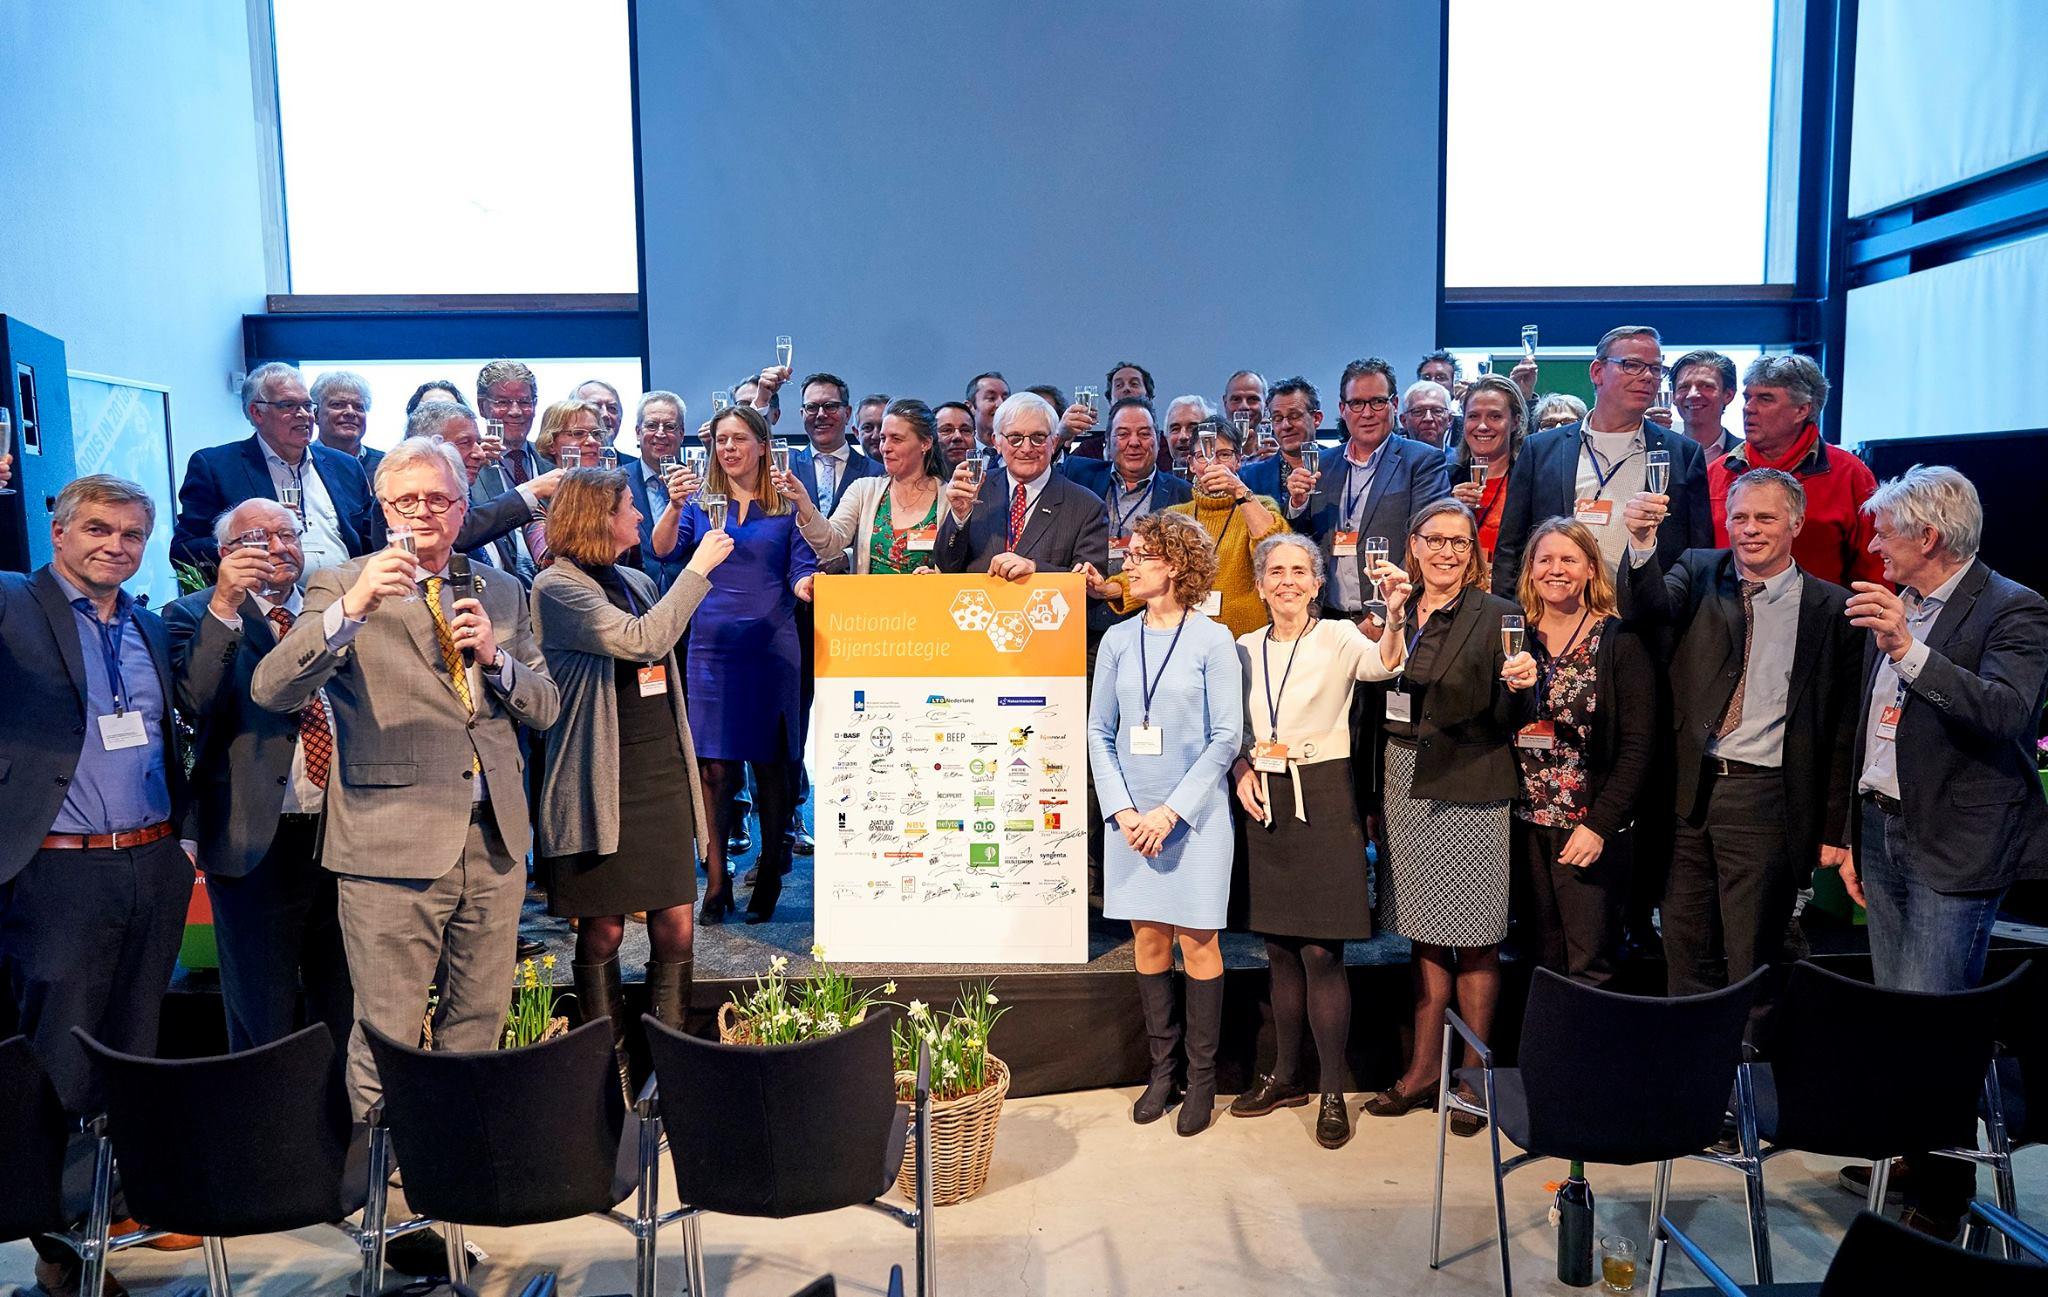 Ministerie van LNV presenteert Nationale Bijenstrategie